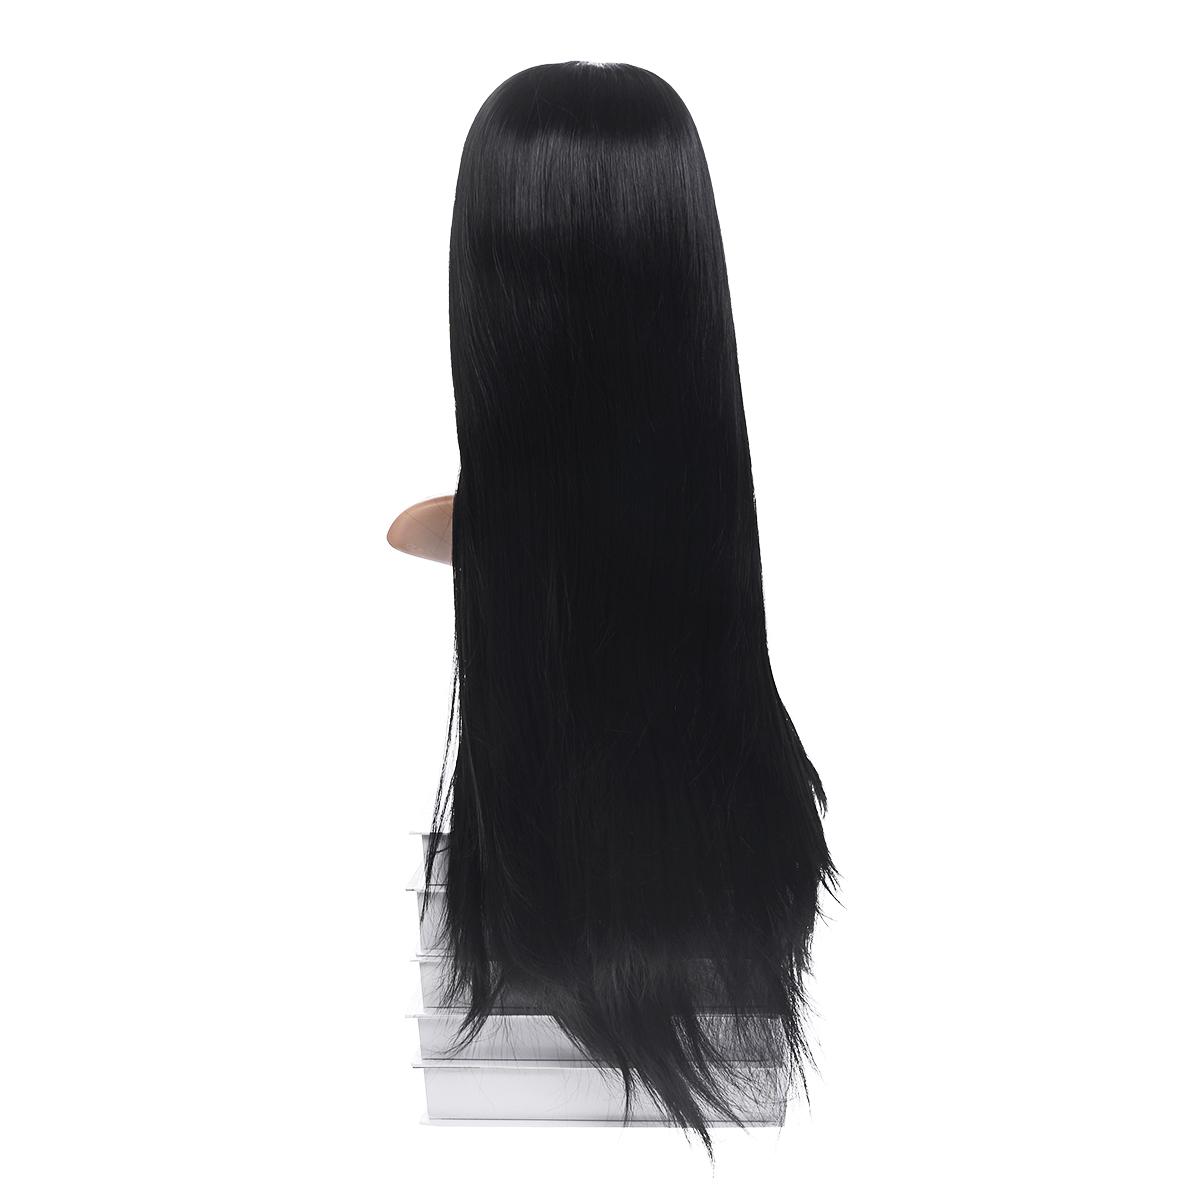 Женщины Длинные Парик Полный Фронтальный Кружевной Черный Волосы Микро Твисты Градиент полной плотности